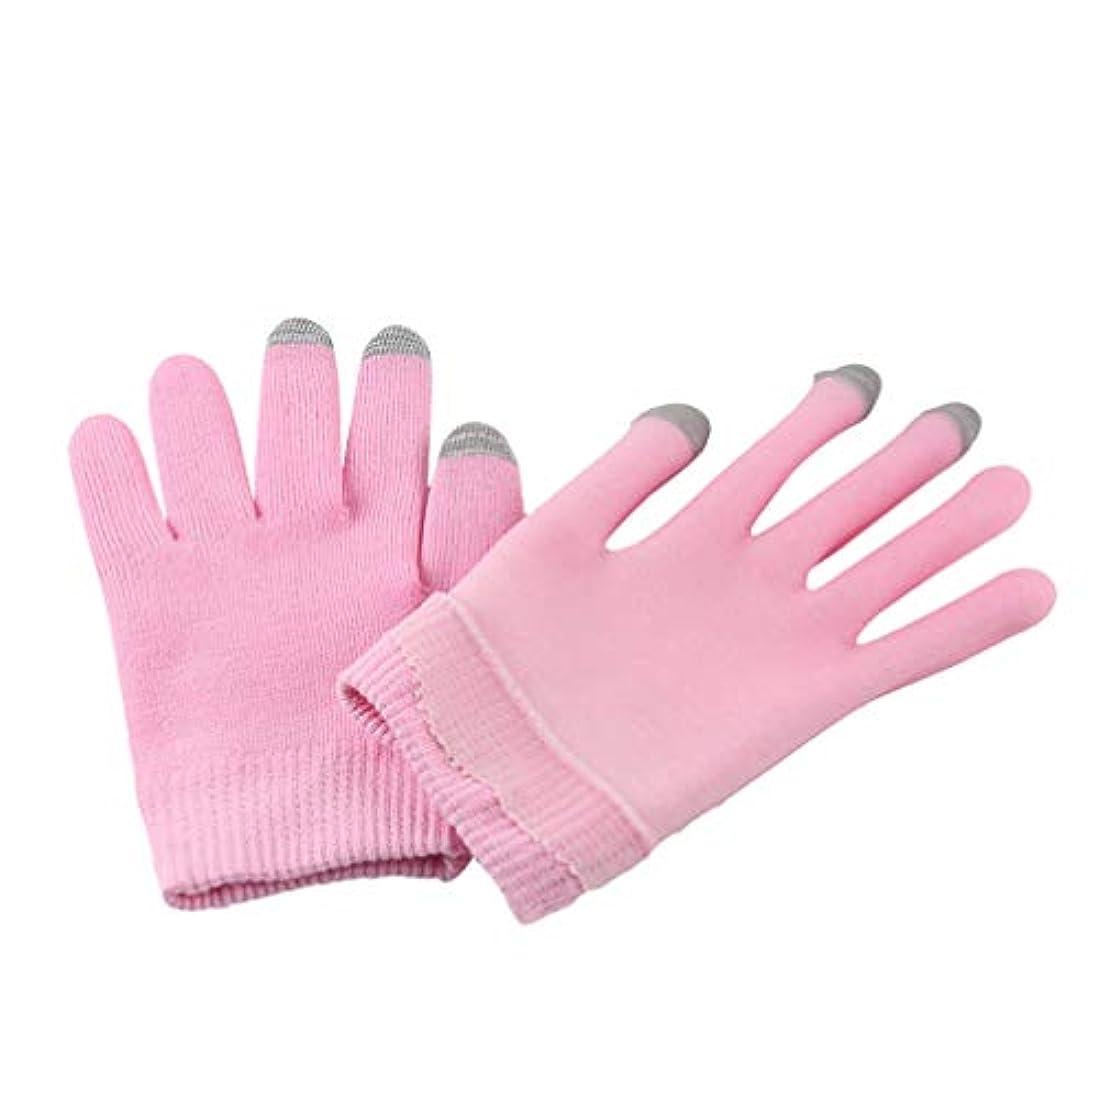 のりレオナルドダハンマーSUPVOX 冬のニット手袋タッチスクリーン手袋屋外サイクリング運転用の防風サーマルグローブ1ペア